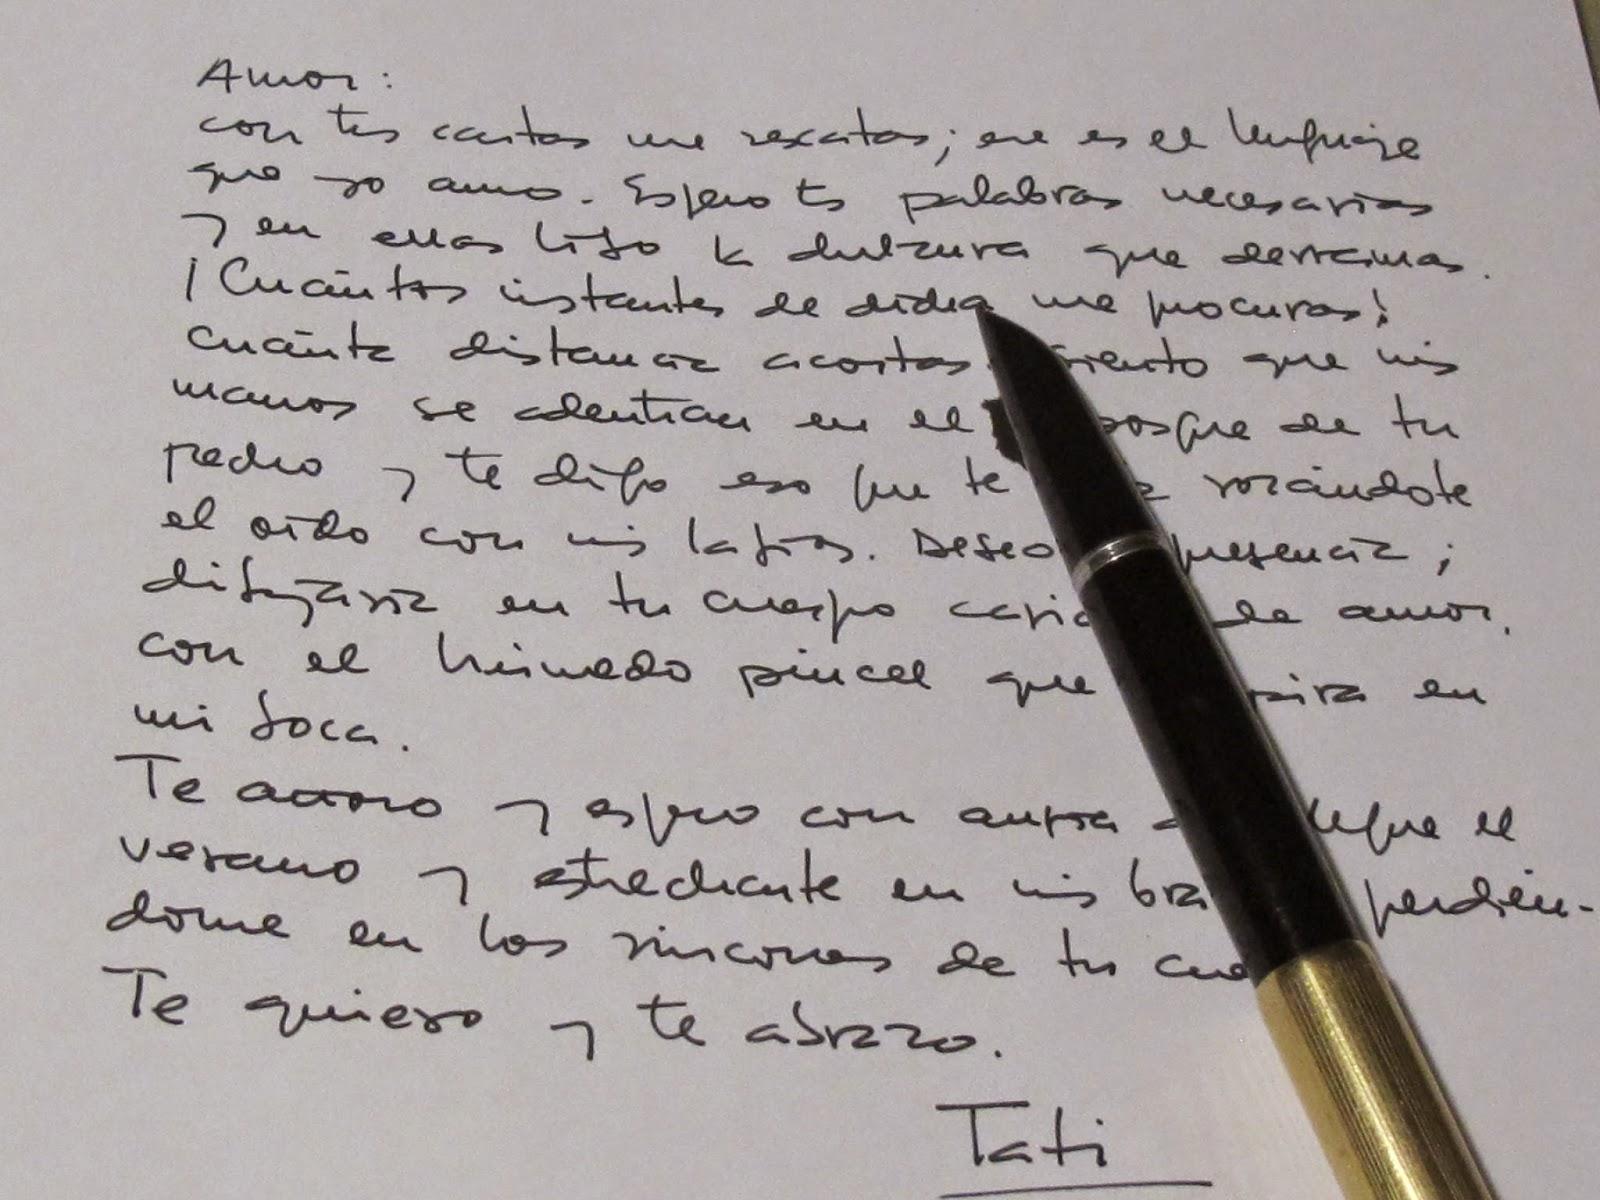 Palabras Nómadas Del Viento: Aquellas Cartas